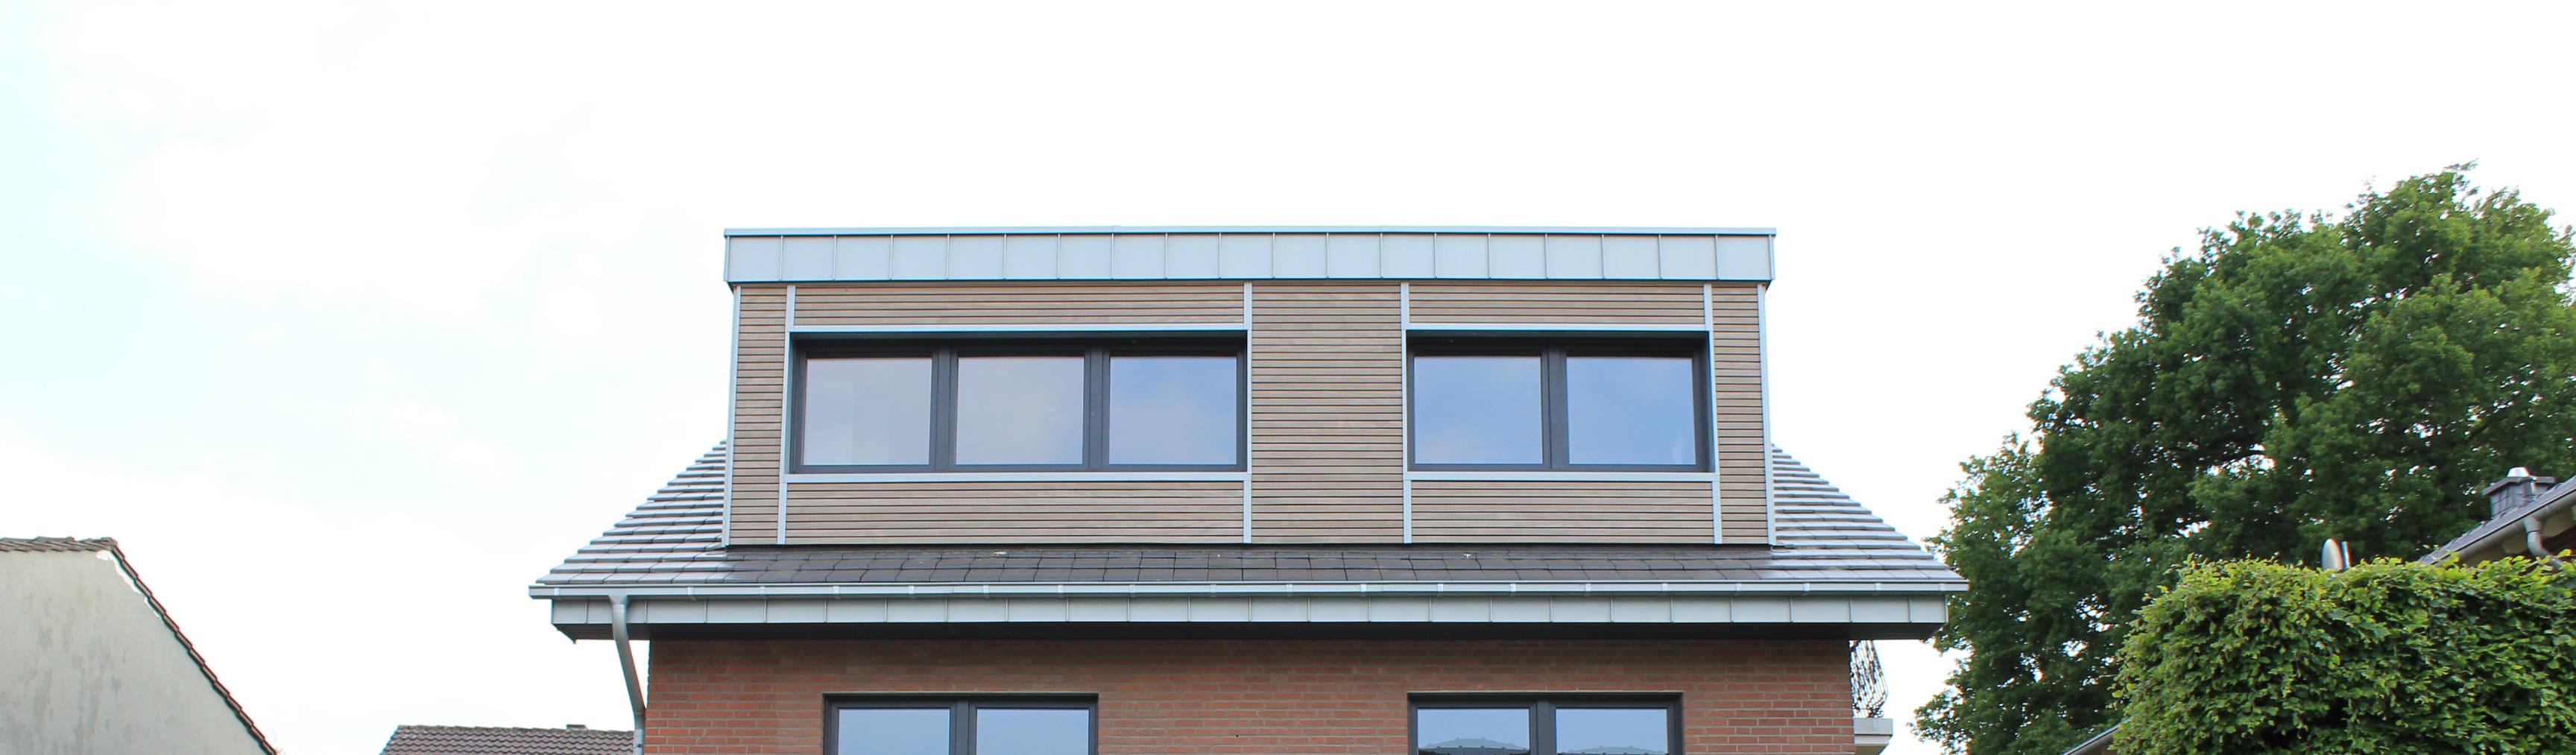 ludebühl | architekten